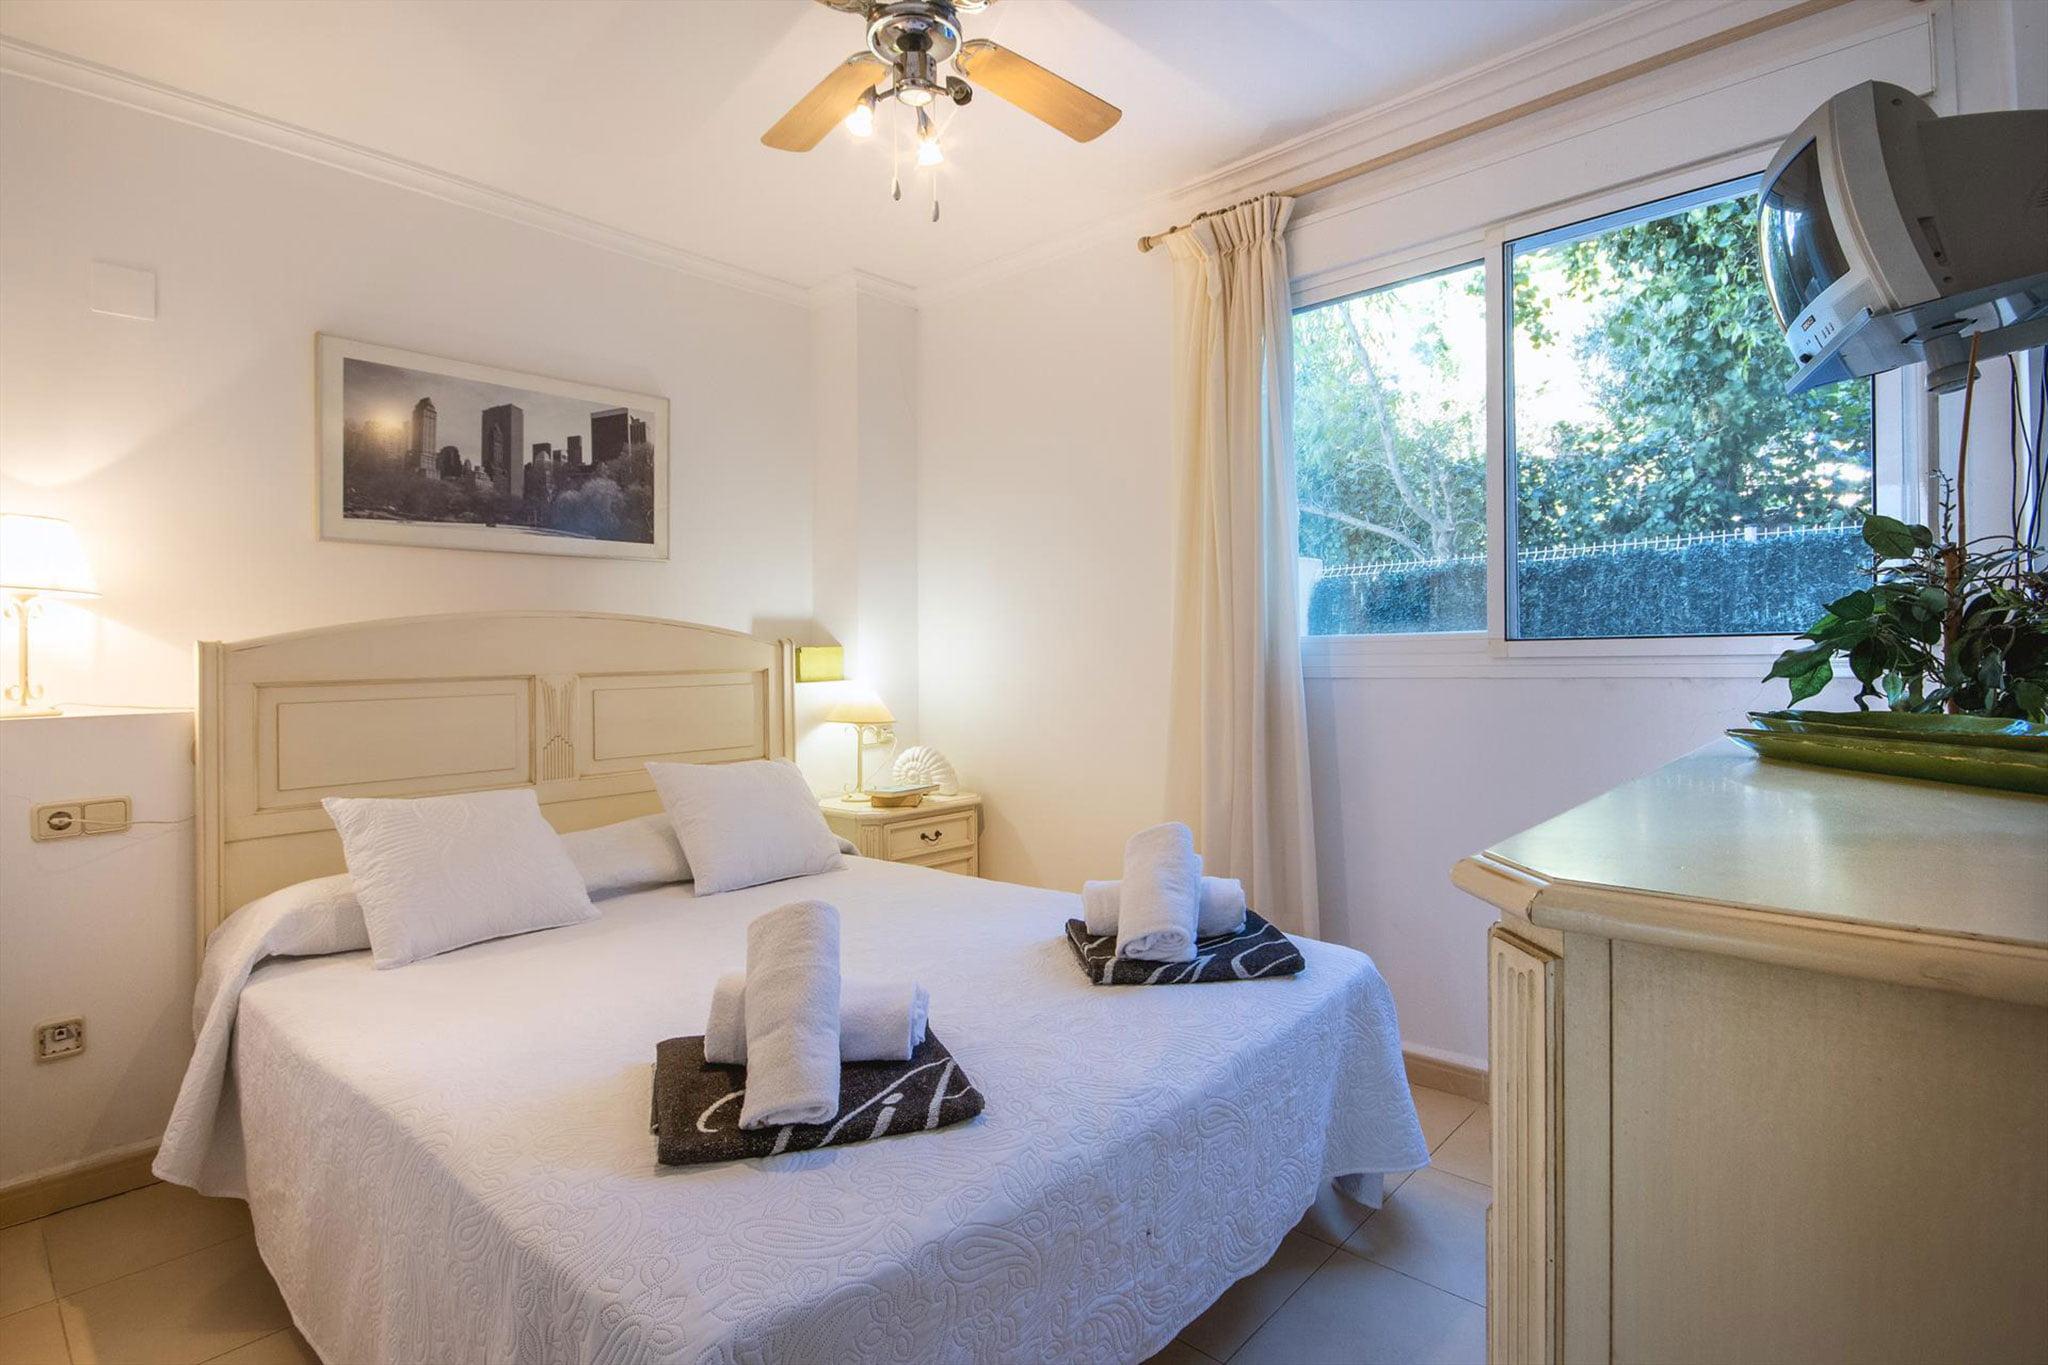 Dormitorio principal de un apartamento de alquiler en Jávea – Aguila Rent a Villa